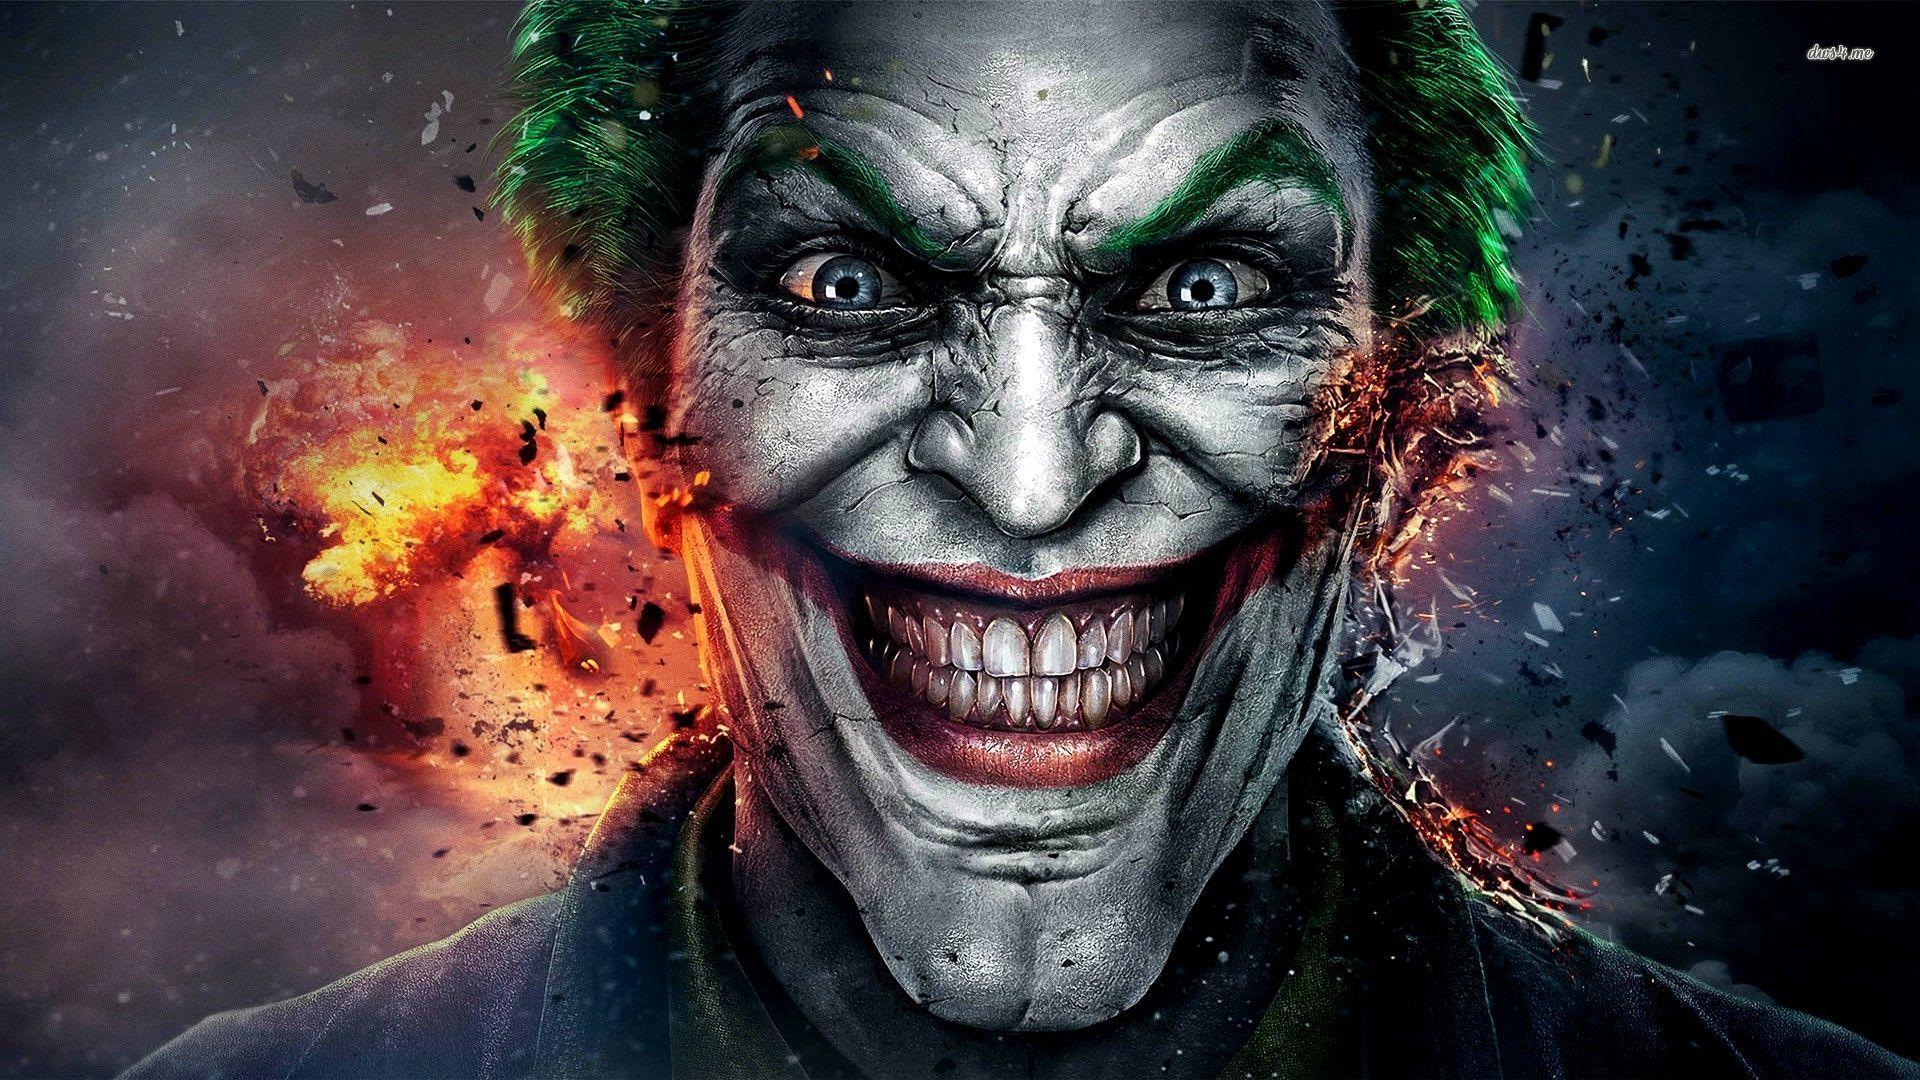 Most Inspiring Wallpaper Halloween Joker - 40a478430cb6a5fb9e0e70c2123a2481  HD_374169.jpg